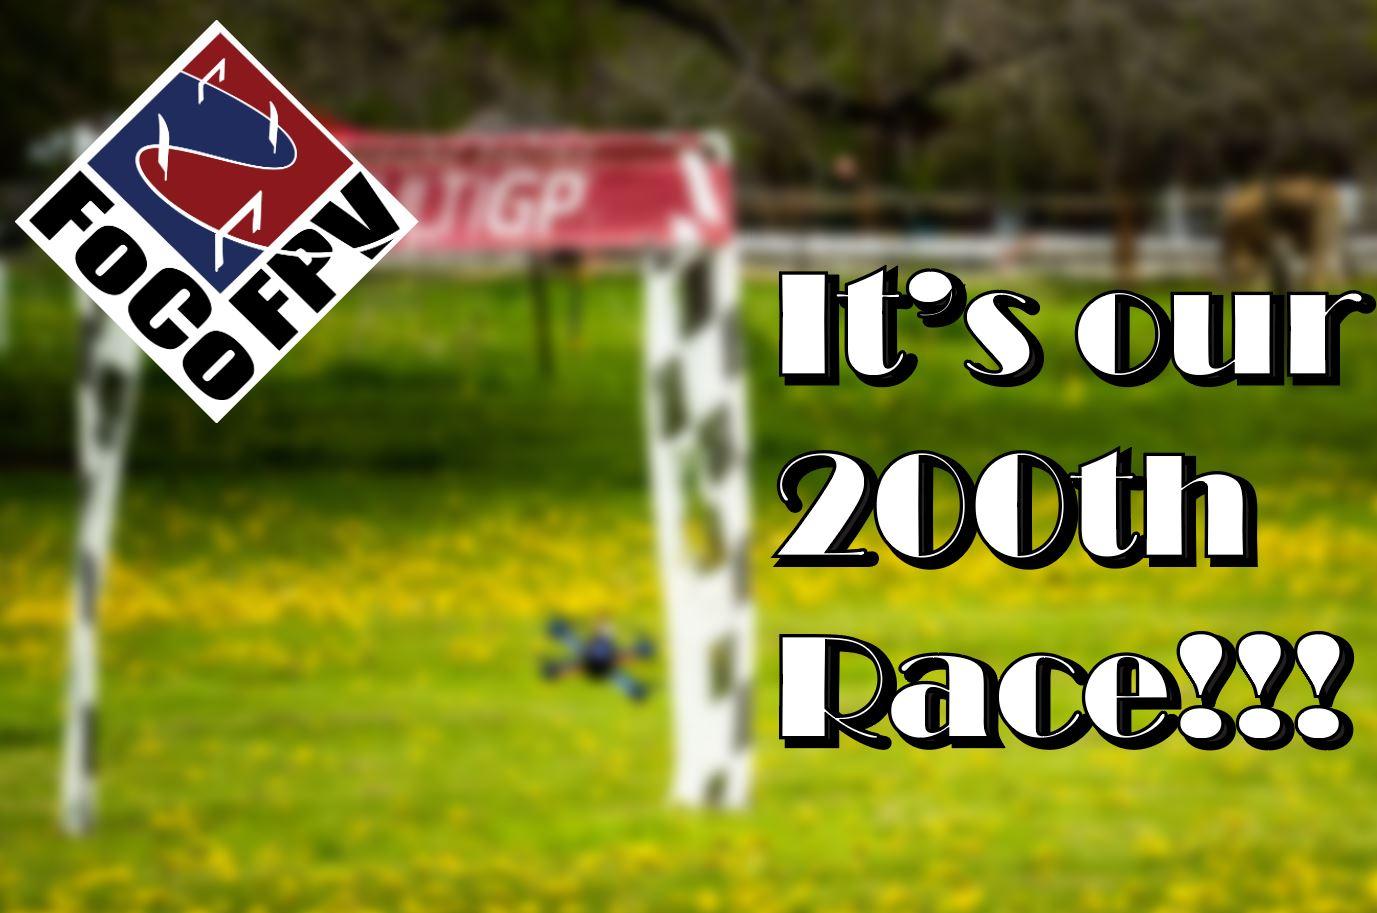 FoCo FPV 200th race!!!